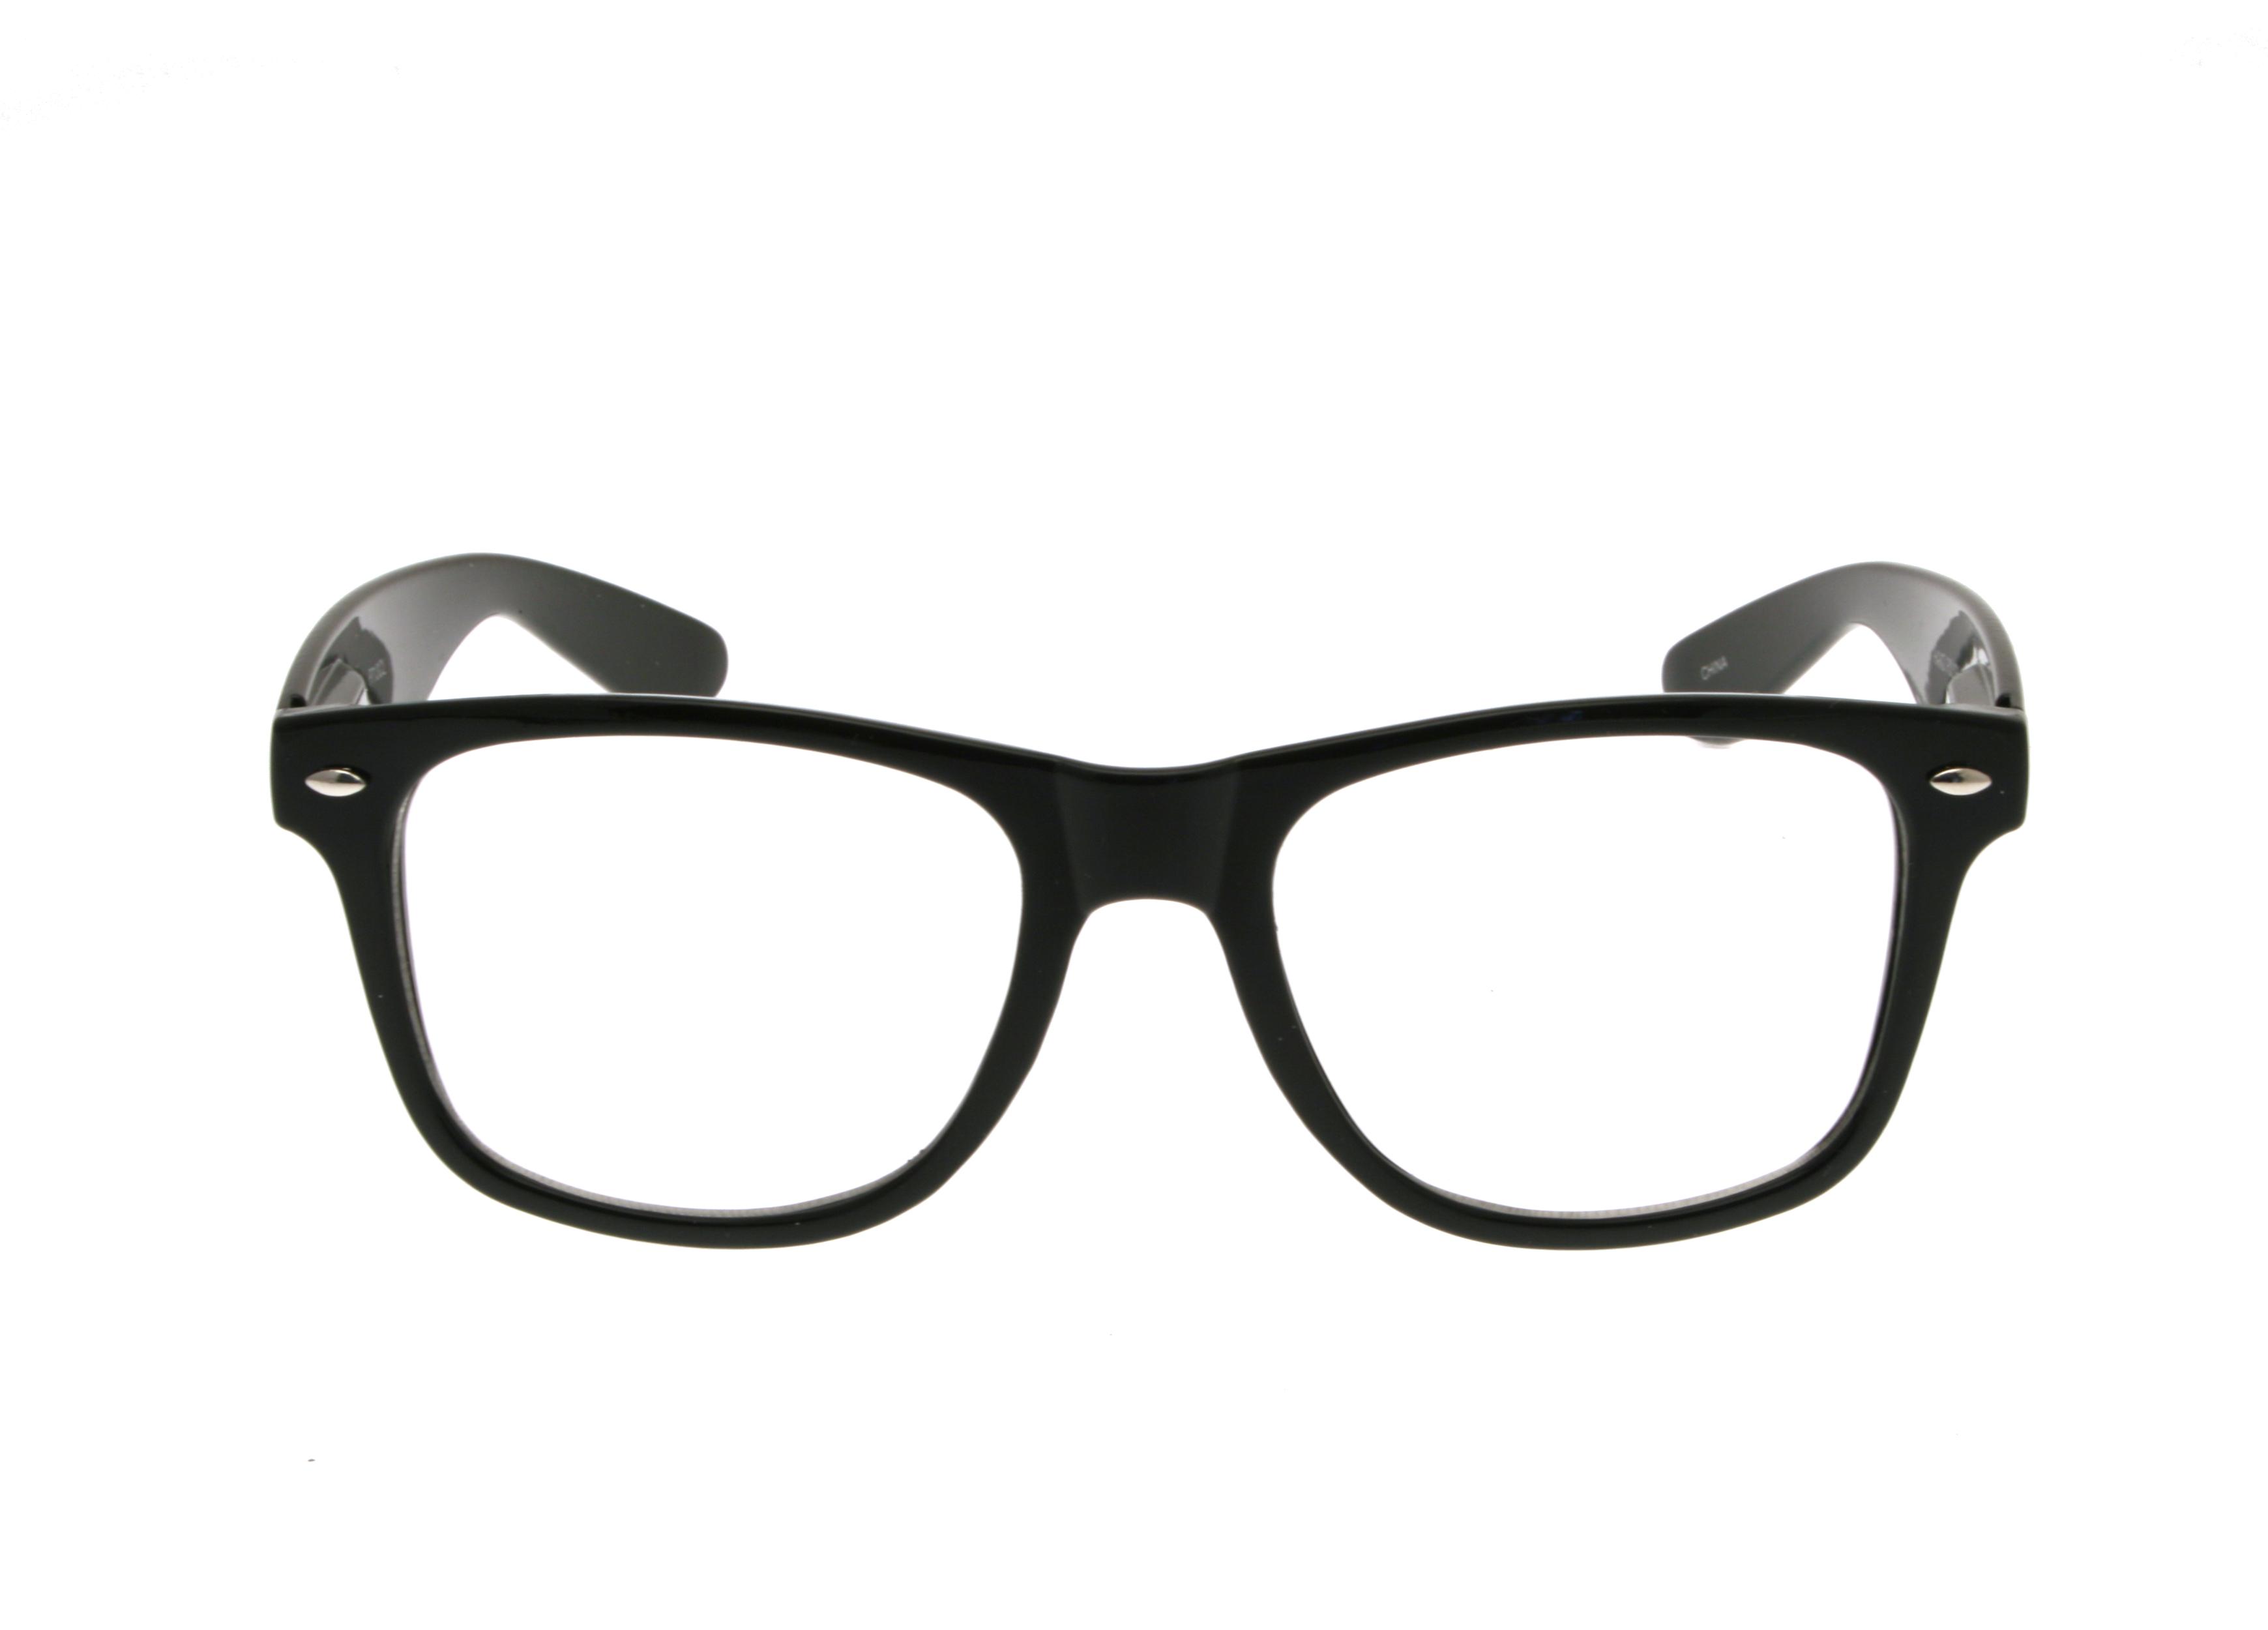 Eyeglasses eye glasses frame clipart